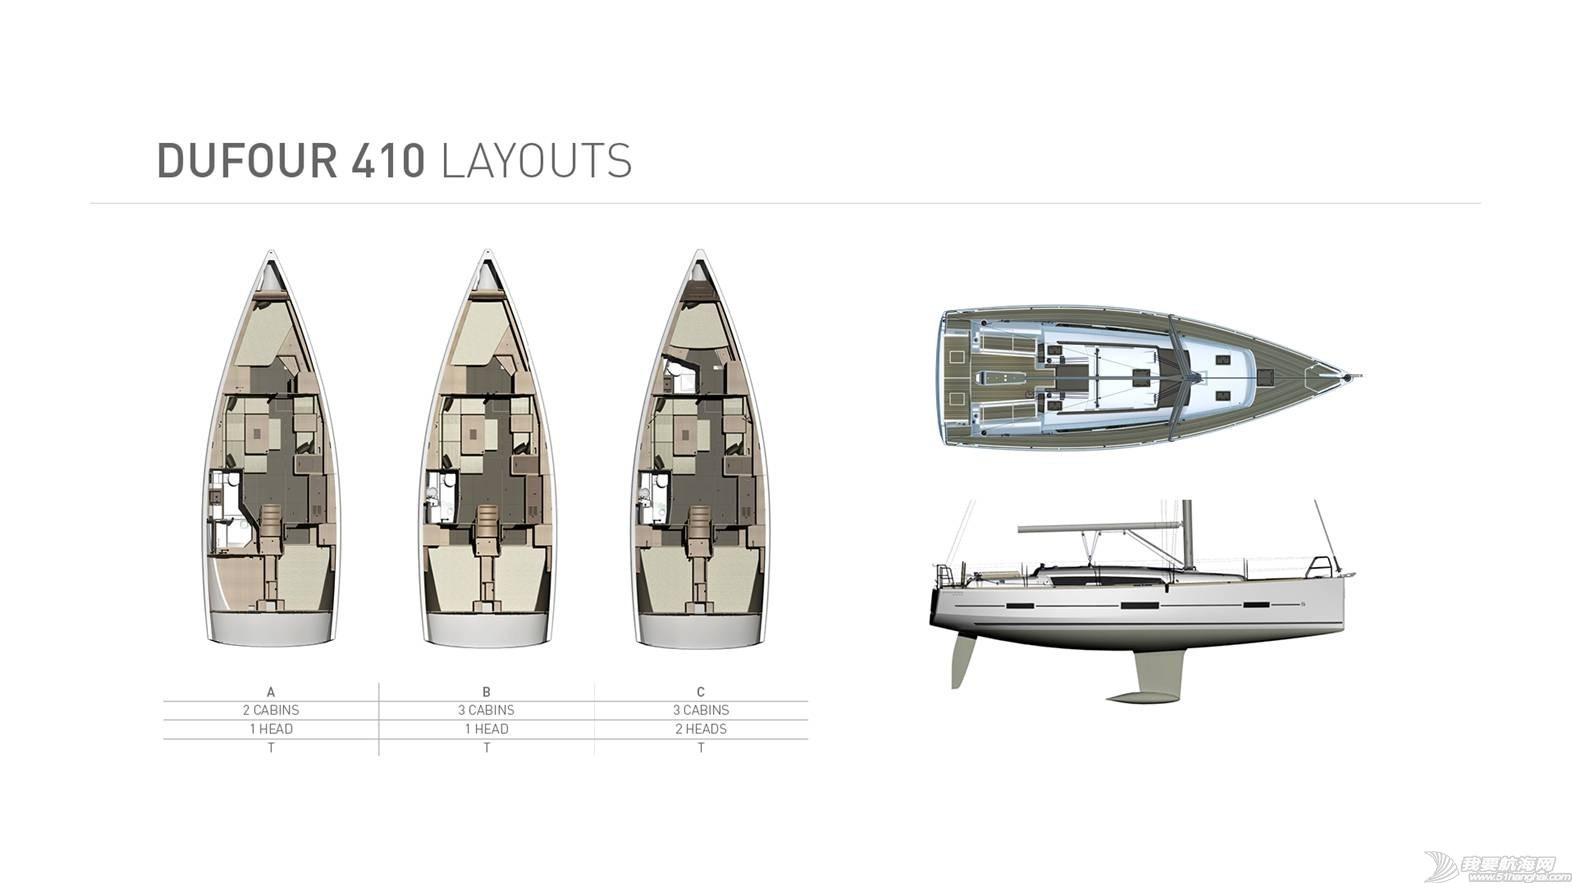 法国,我们,大连,出港,DUFOUR410 大连:法国DUFOUR410帆船艇-现船  161357t6rnbzyow67qnbbm